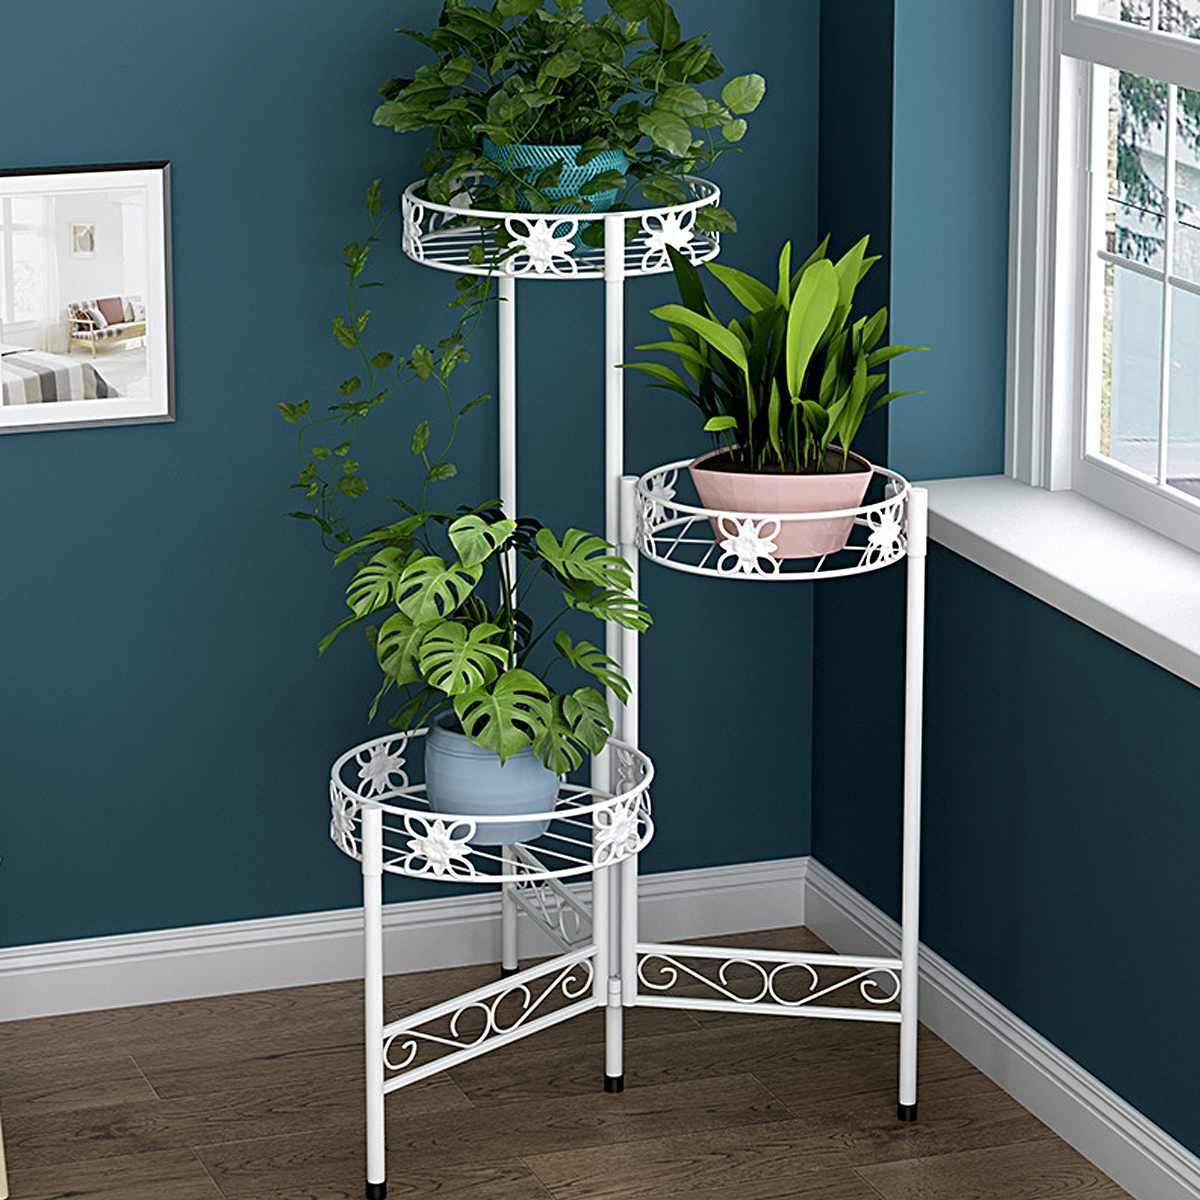 3 Tier Metal Plant Stand Flower Rack Pot Storage Rack Display Shelf Holder Home Indoor Outdoor Decor Garden Balcony